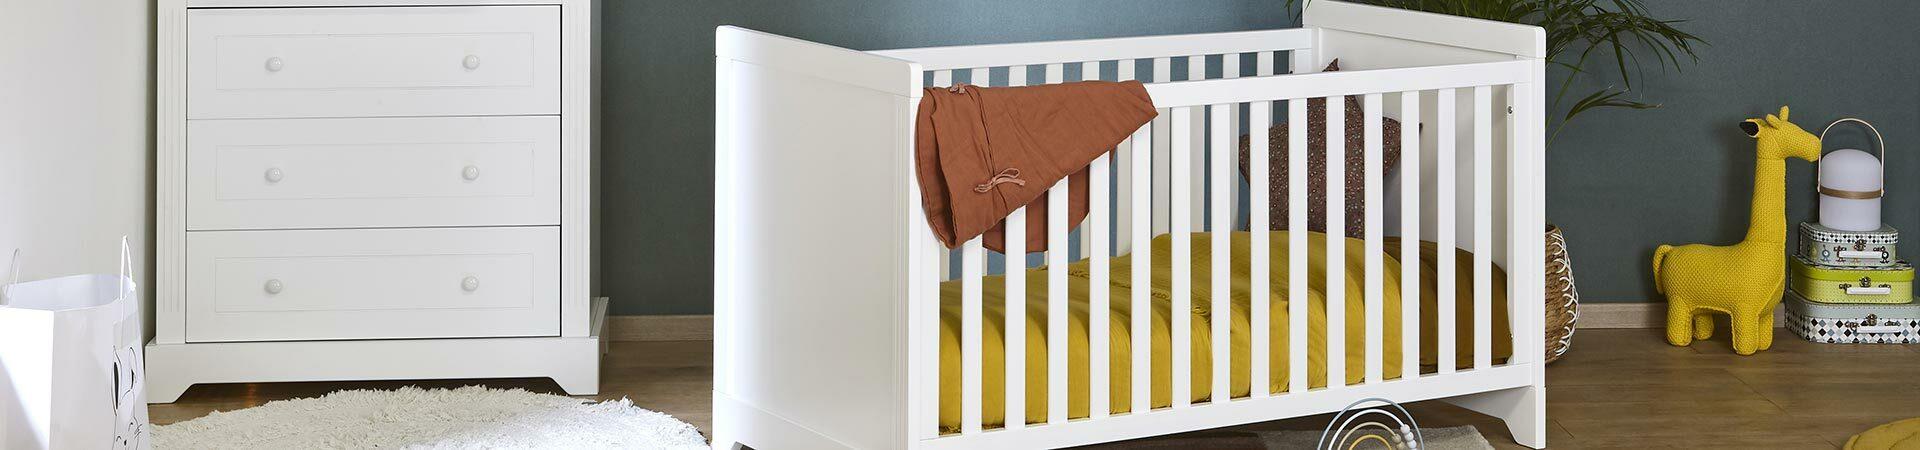 Chambre Bébé Complète, Commode et Armoire - Mobilier Écologique